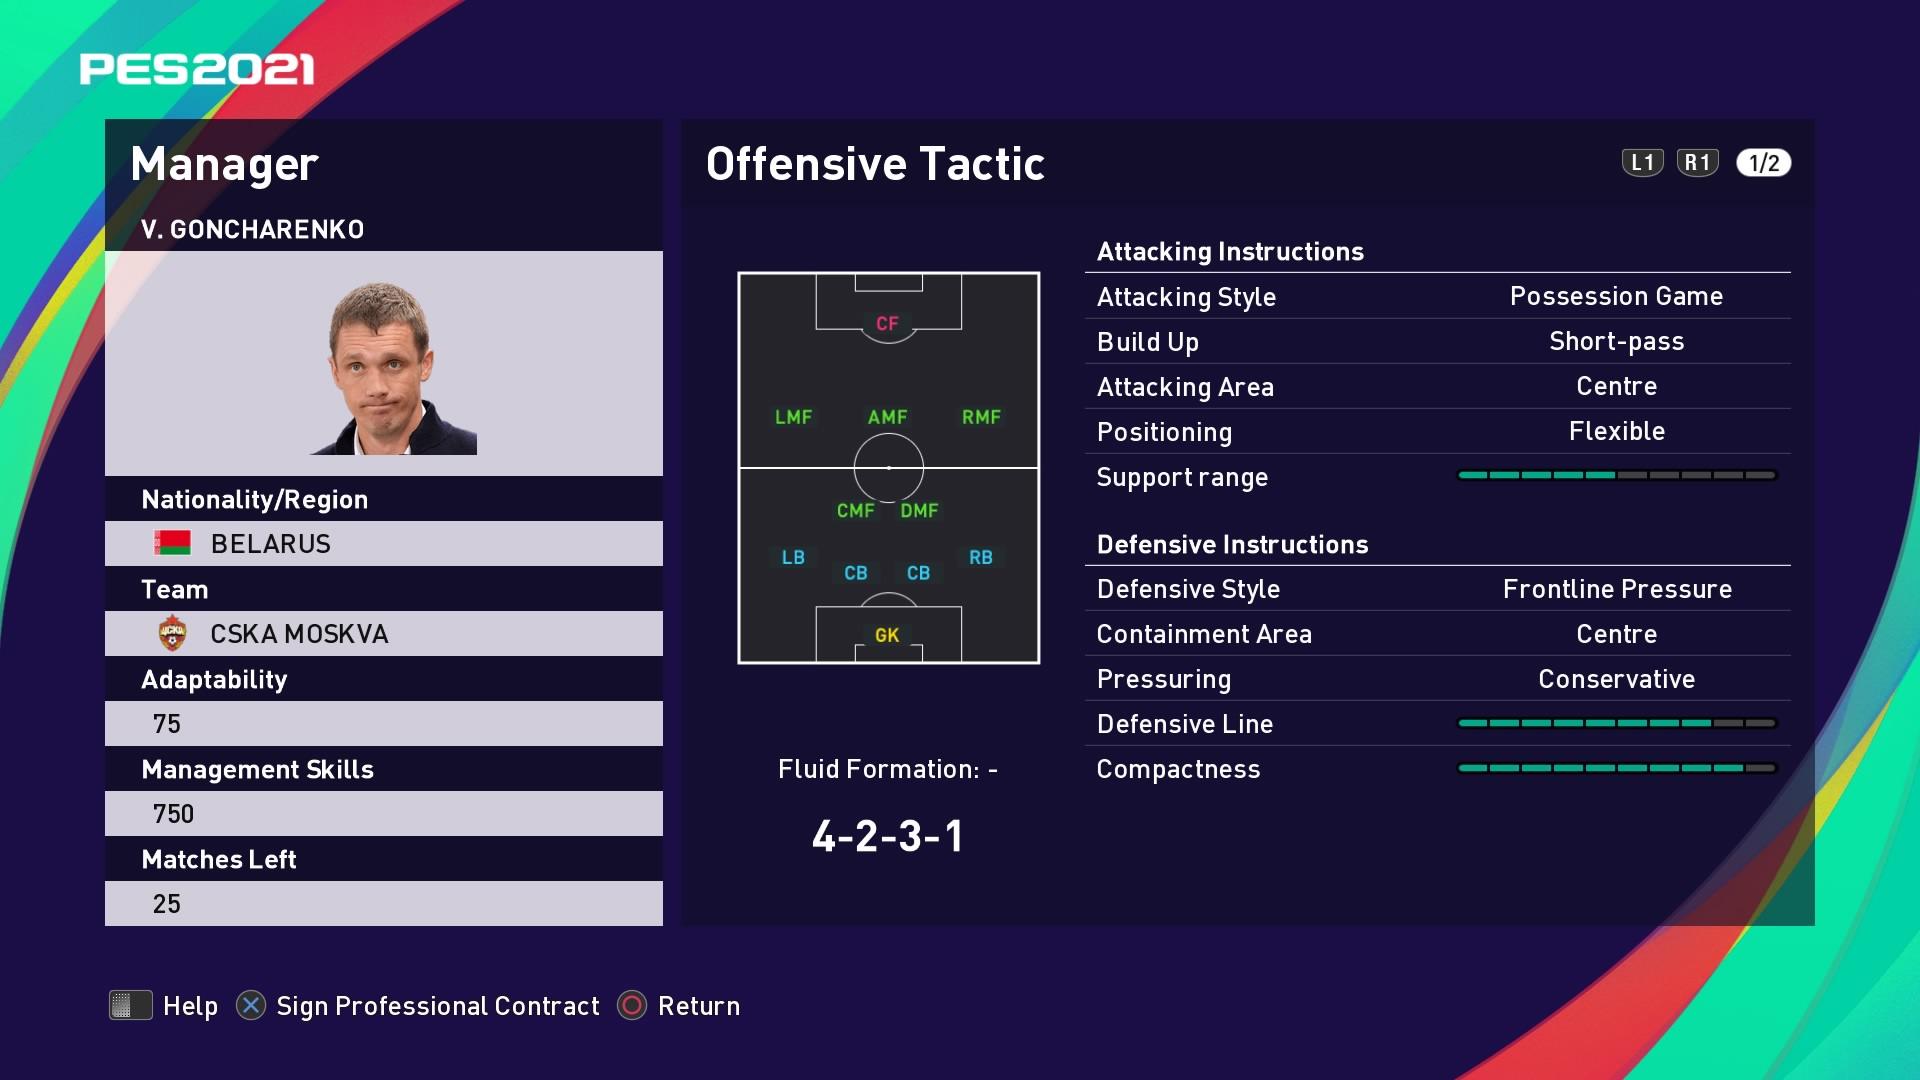 V. Goncharenko (Viktor Goncharenko) Offensive Tactic in PES 2021 myClub